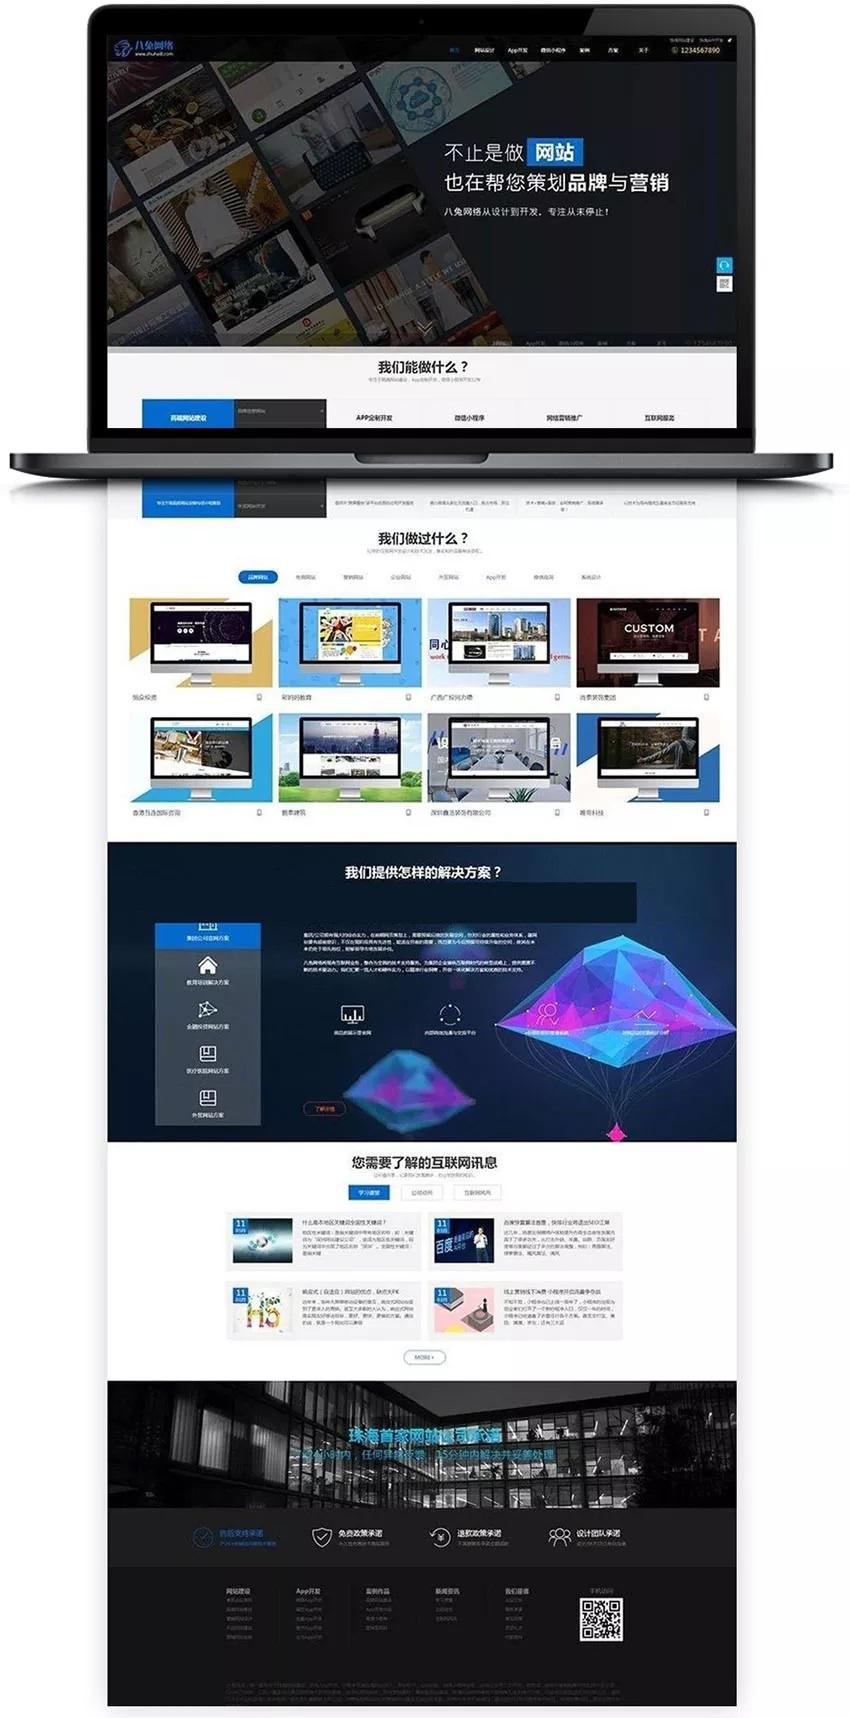 帝国CMS大气高科技感网站建设企业模板 自适应建站公司网站源码 第1张